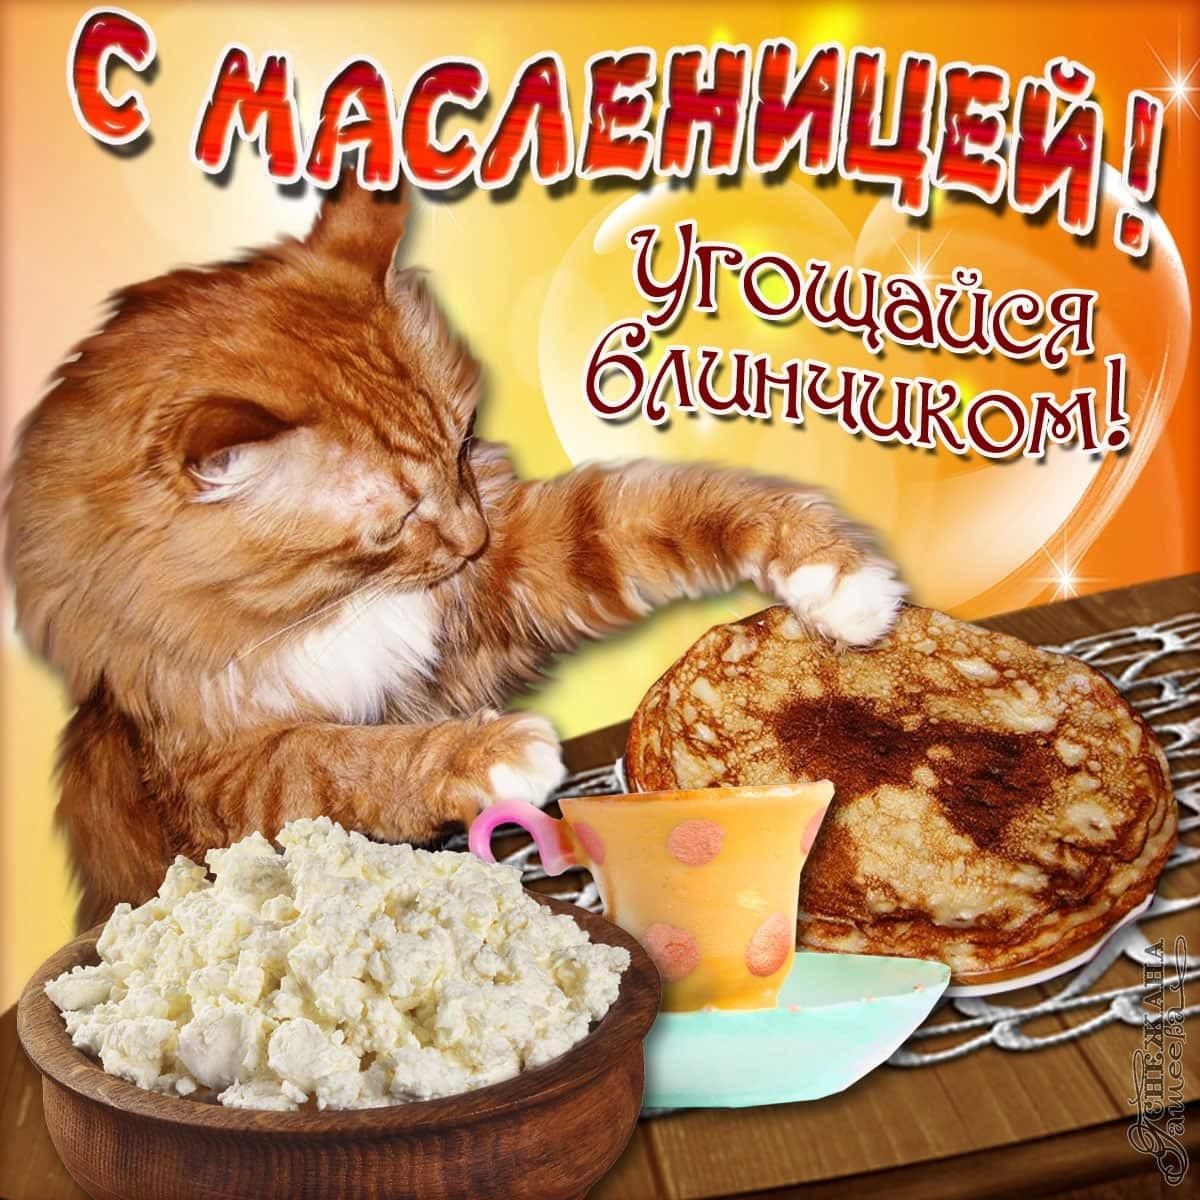 С Масленицей! Яркие открытки и картинки для поздравления на праздник